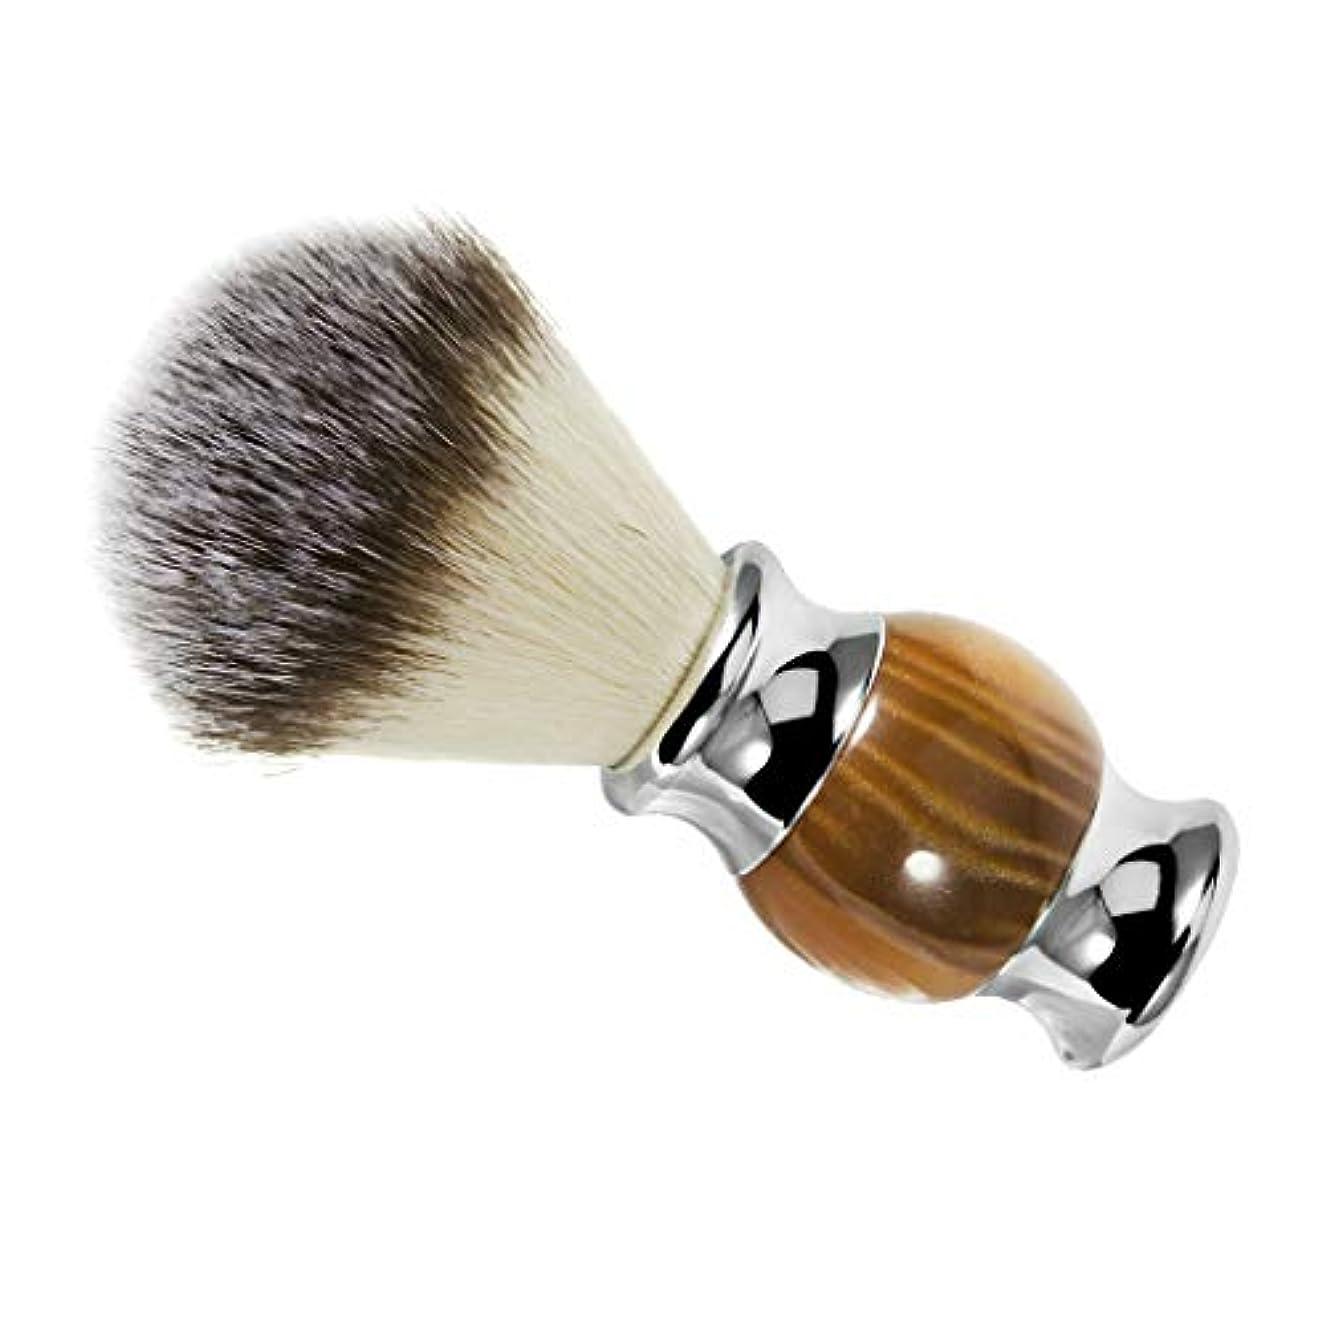 ビジネスただやる診療所シェービングブラシ メンズ ひげ剃りブラシ ひげ剃り 髭剃り 父の日ギフト サロンツール